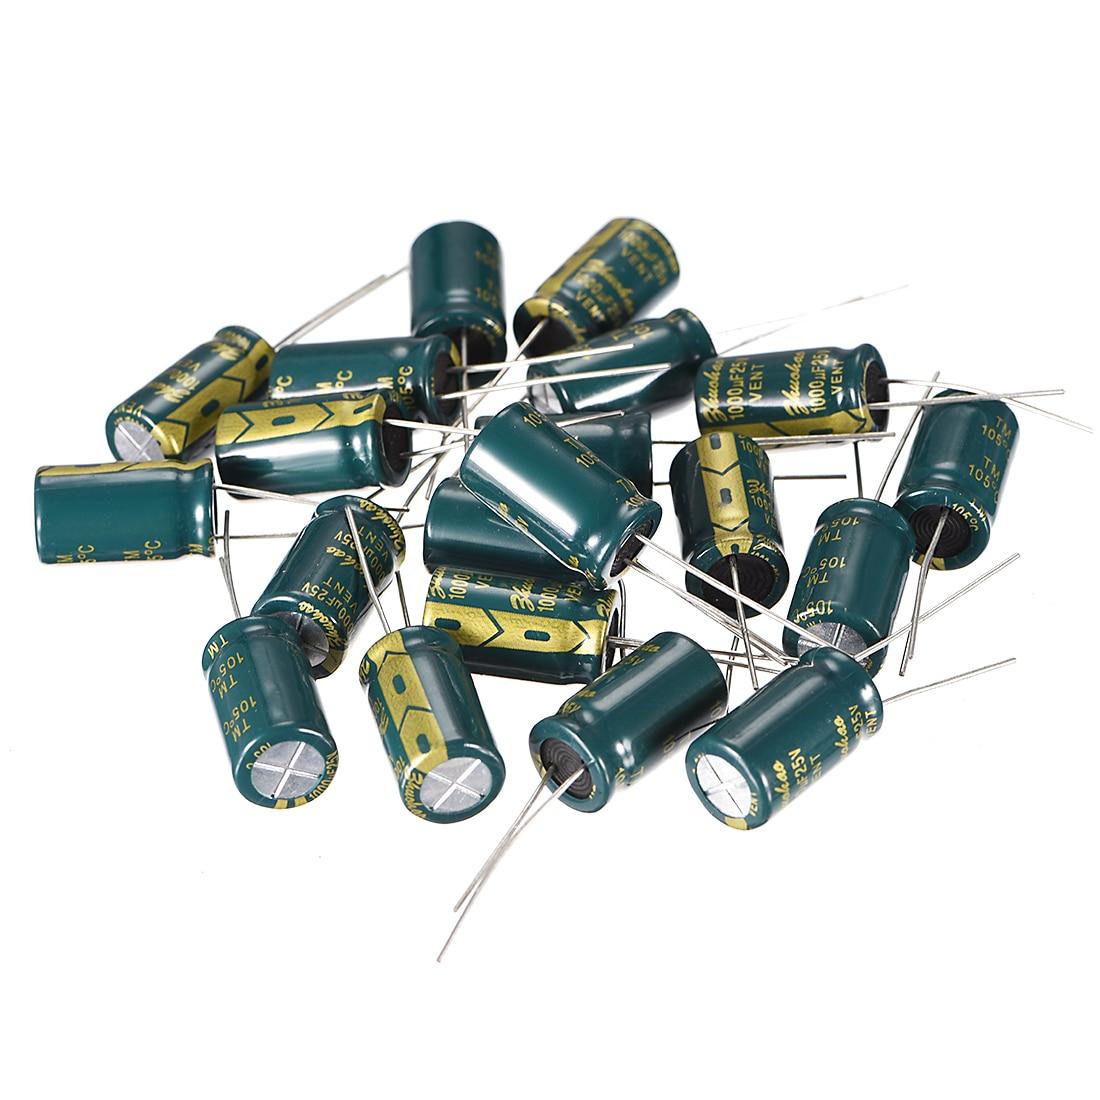 Uxcell 25V 35V 400V 2,2 10 22 100 220 470 100 0uF 36 Elektrolytkondensator für DIY Projekt Löten 100 0uF 10x17 20 stücke